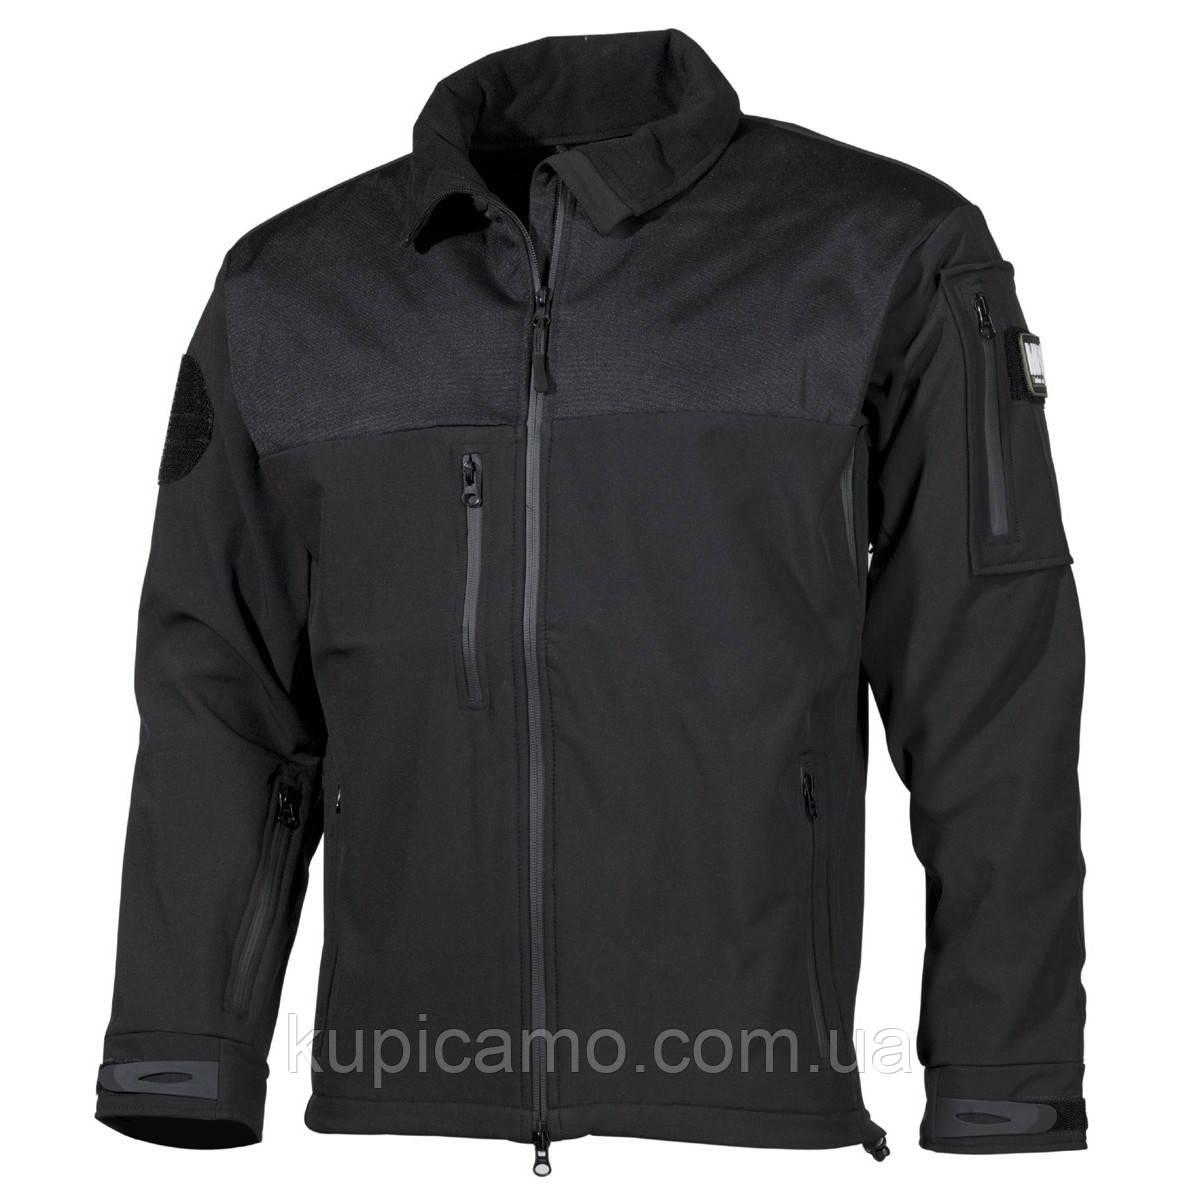 Куртка-ветровка soft shell «Australia» MFH Германия черный XL 54/56